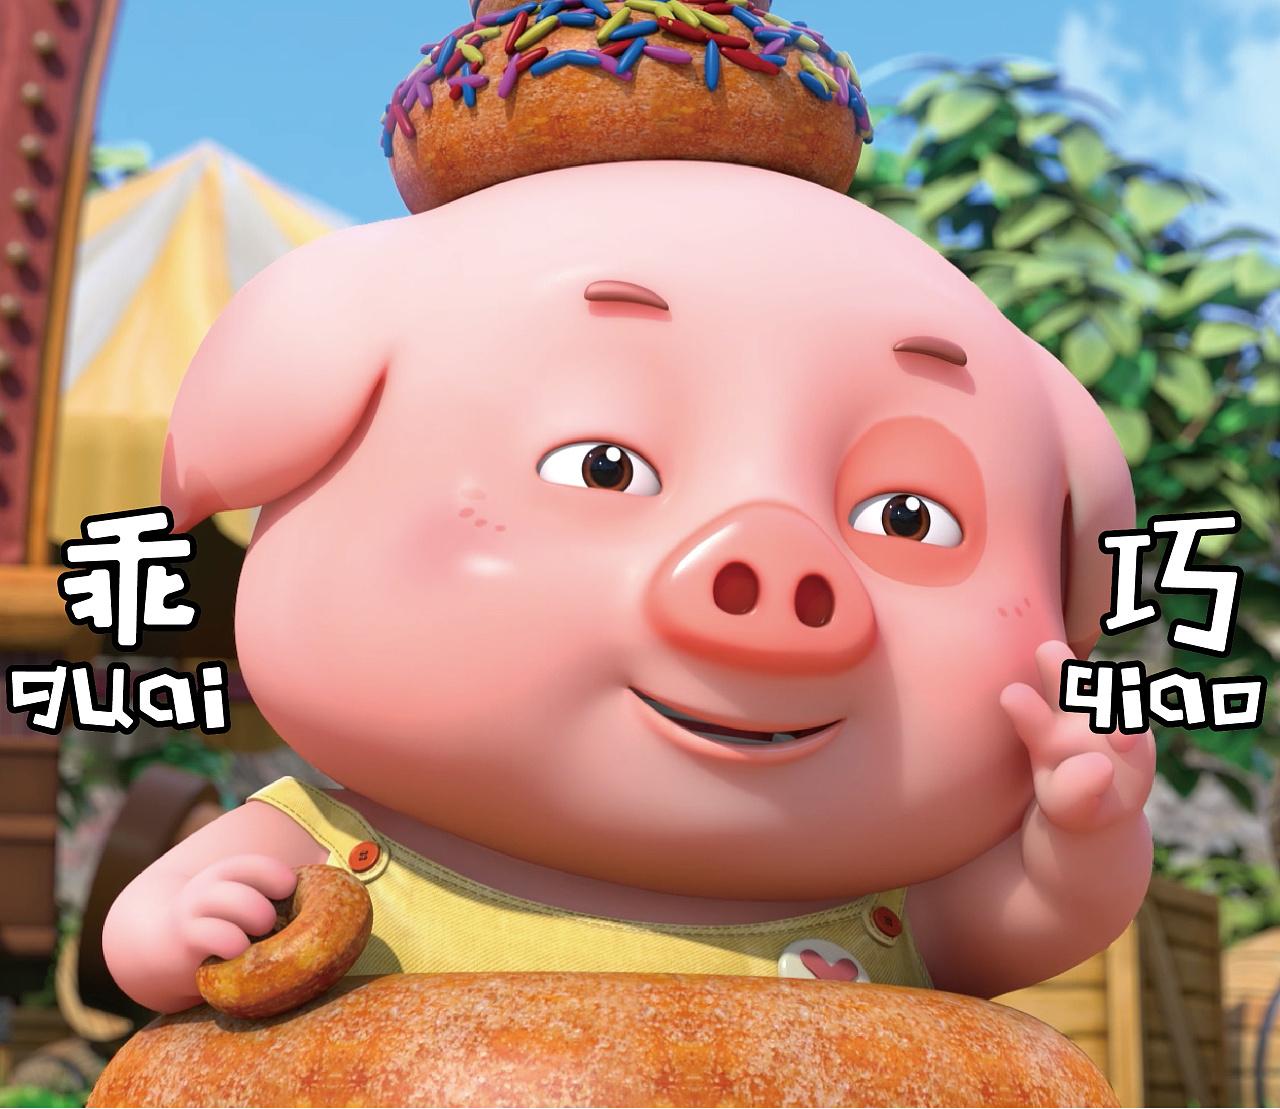 豆豆猪光芒:透露出表情的大全,确定是豆豆猪智慧萌狗搞笑表情包图片图片